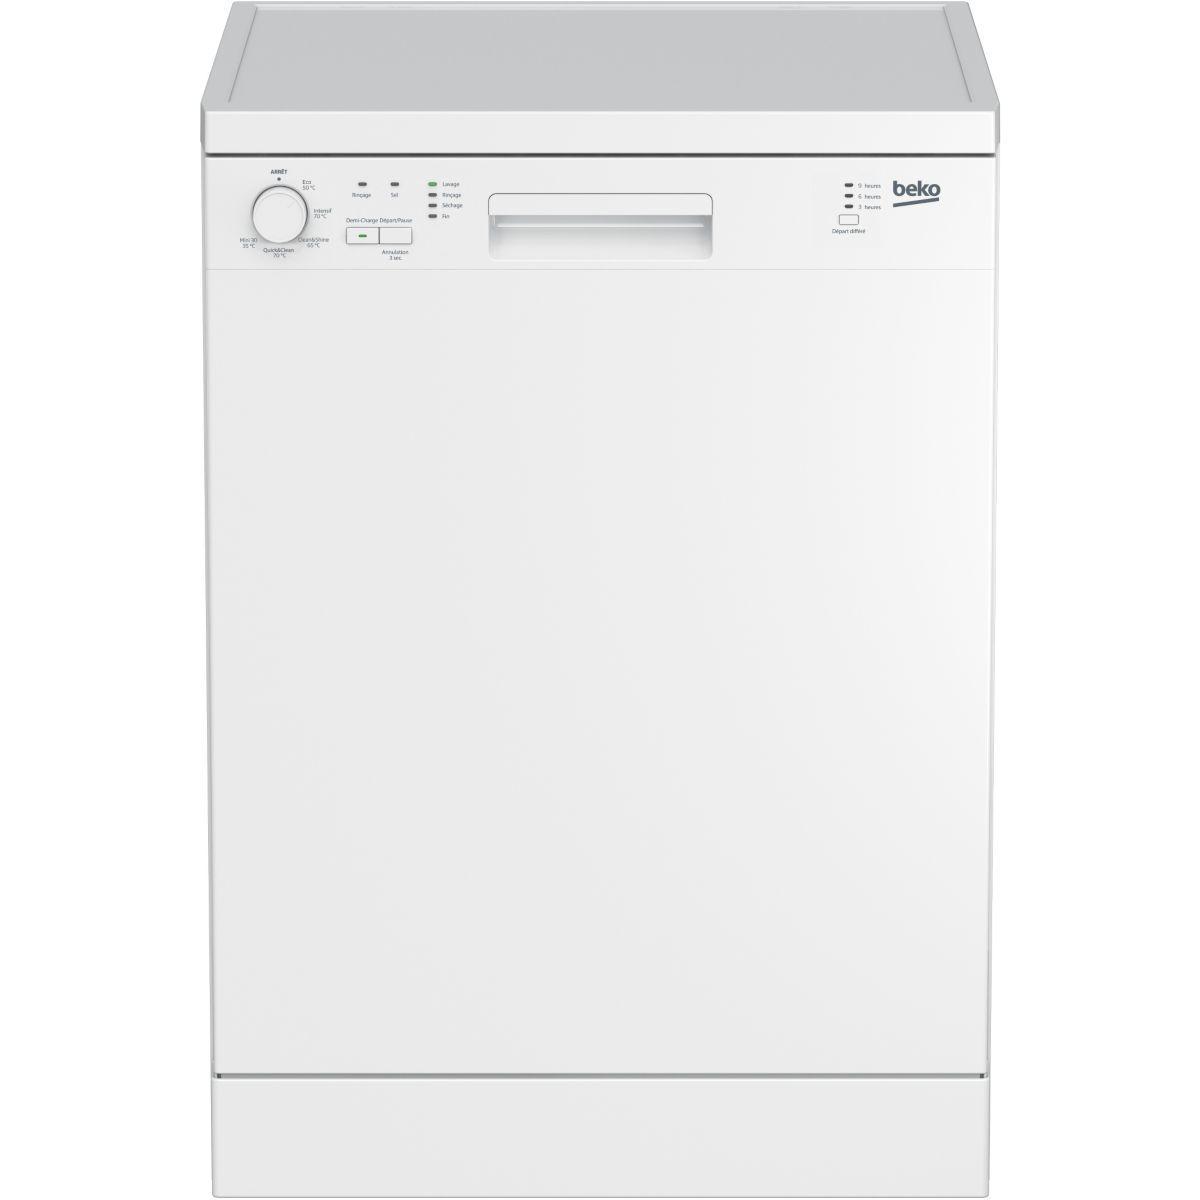 Lave-vaisselle 60cm beko lvp 62w1 - 2% de remise immédiate avec le code : cool2 (photo)